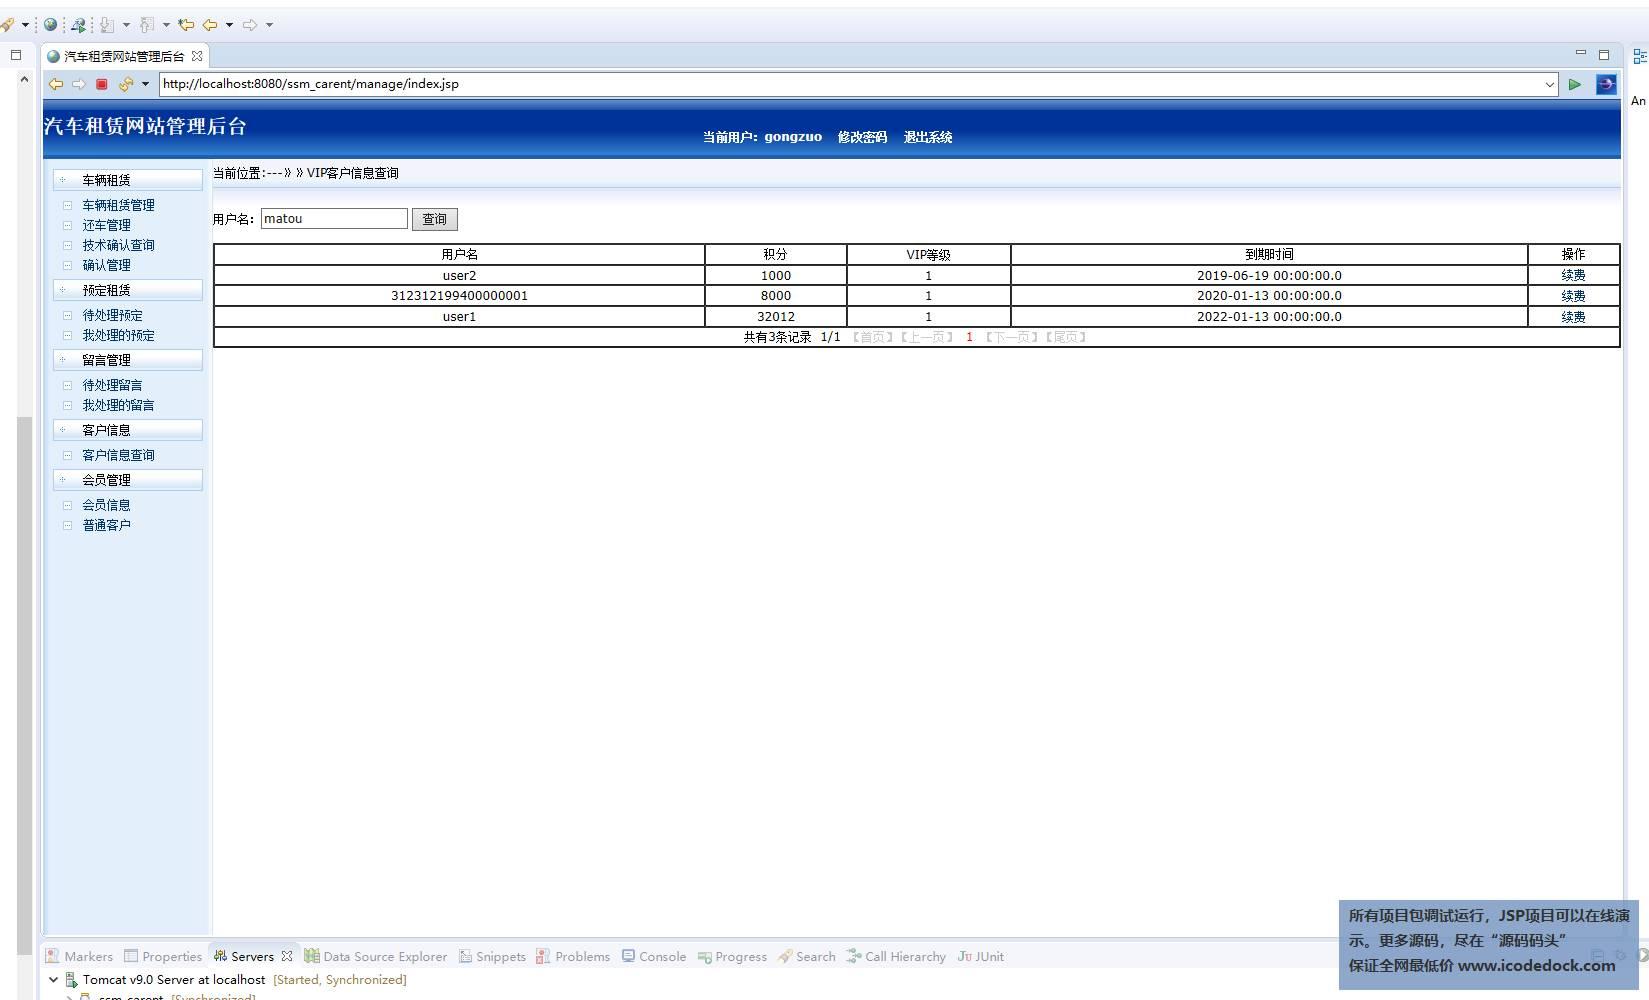 源码码头-SSM汽车出租管理系统-工作人员角色-会员管理